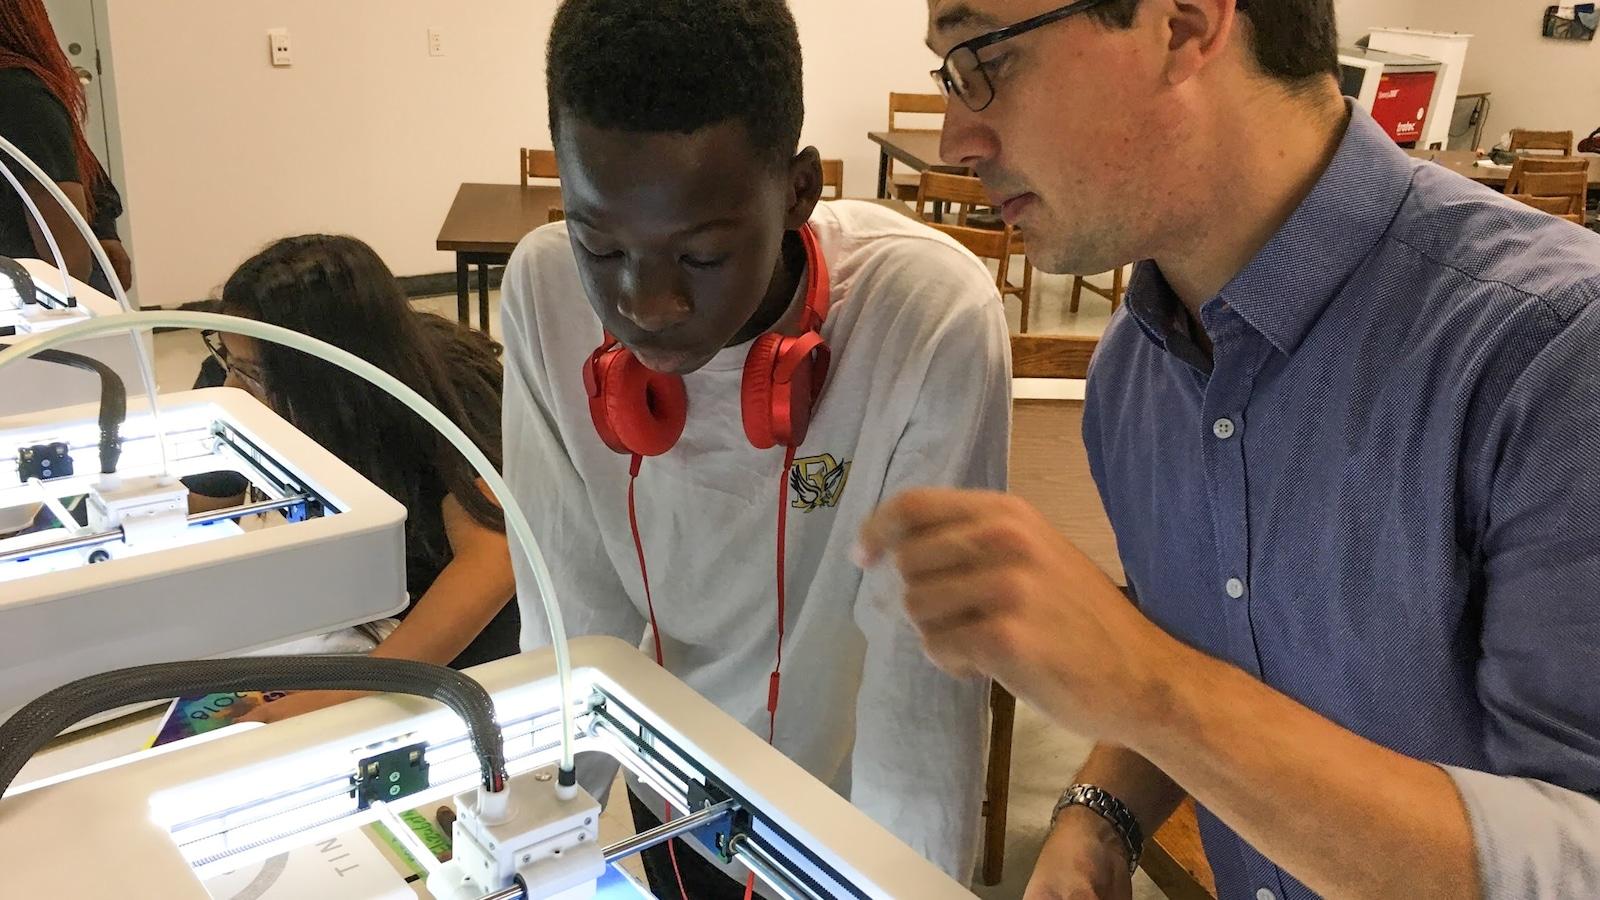 Le professeur et un élève devant une imprimante 3D.